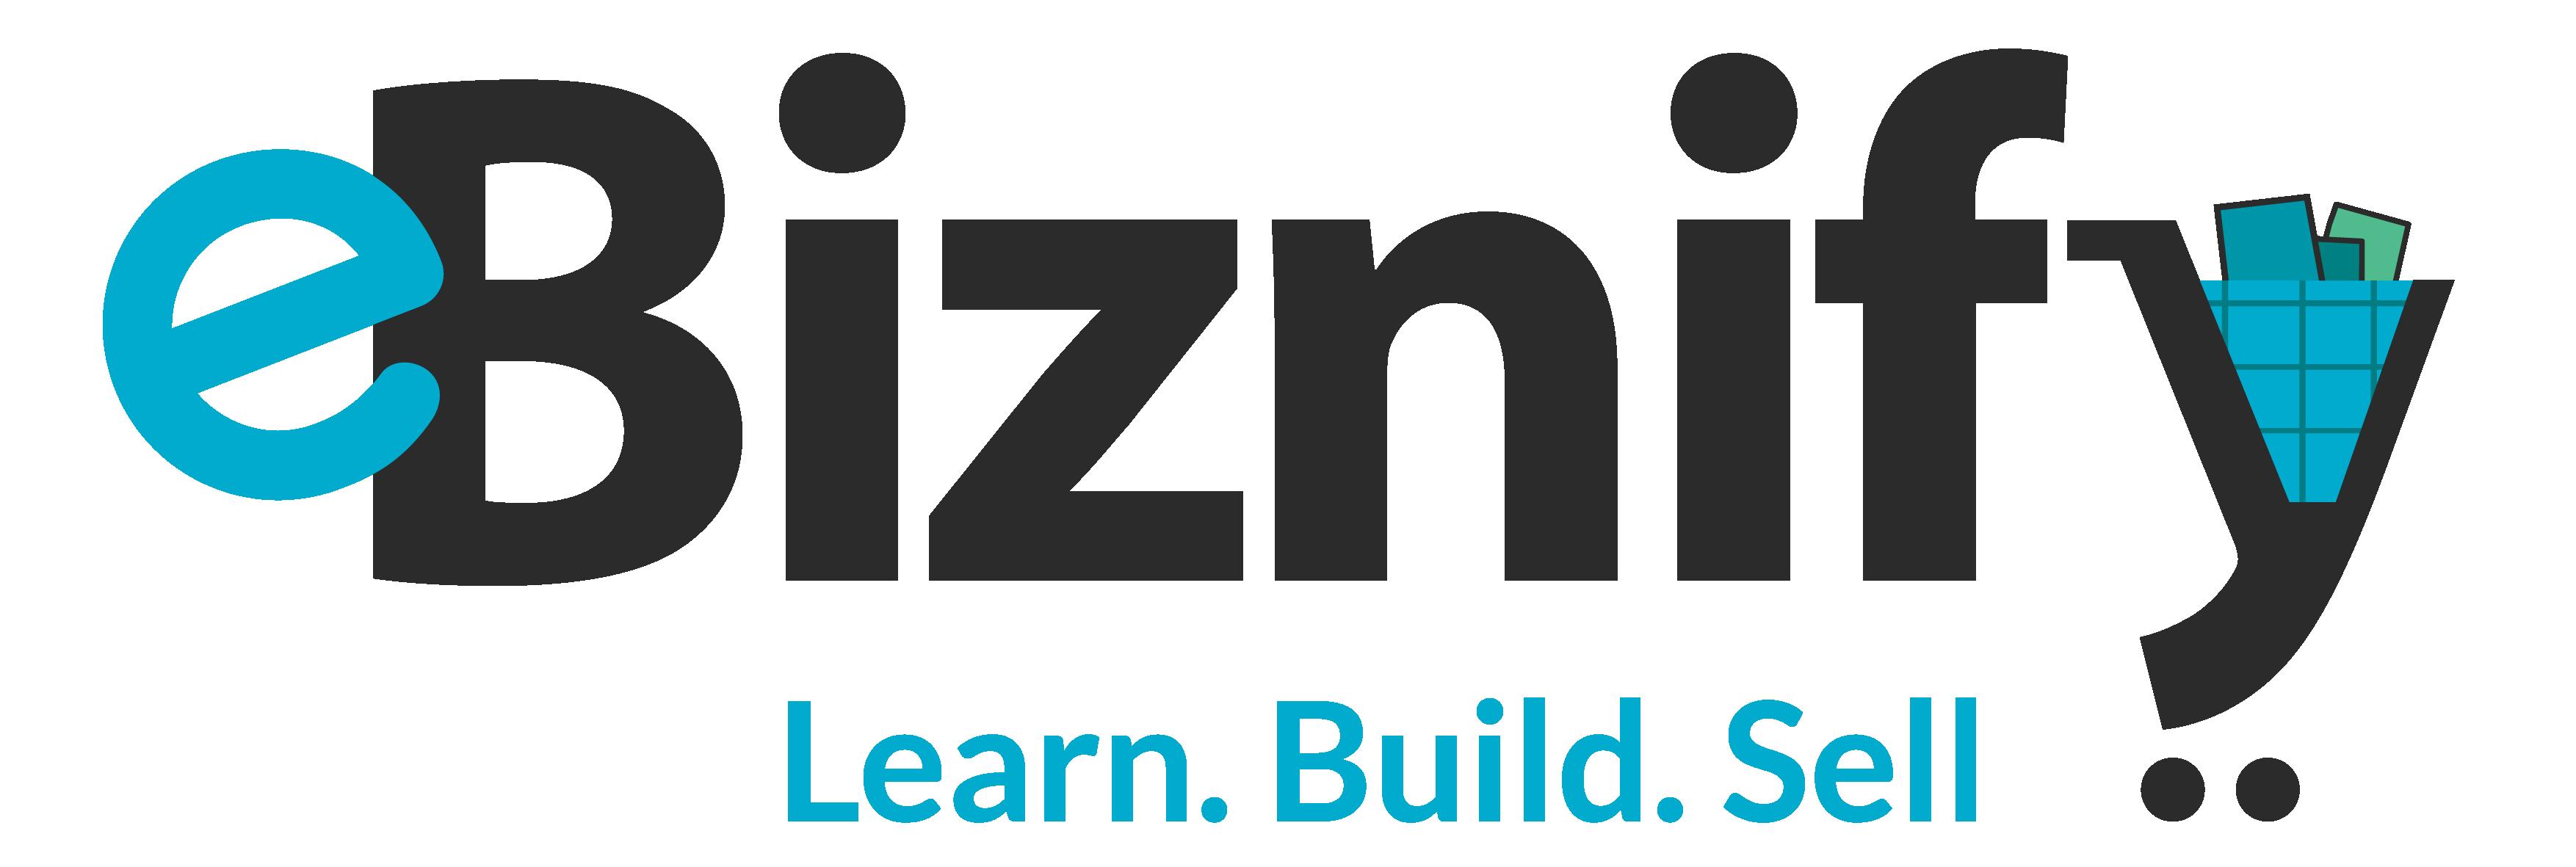 eBiznify logo